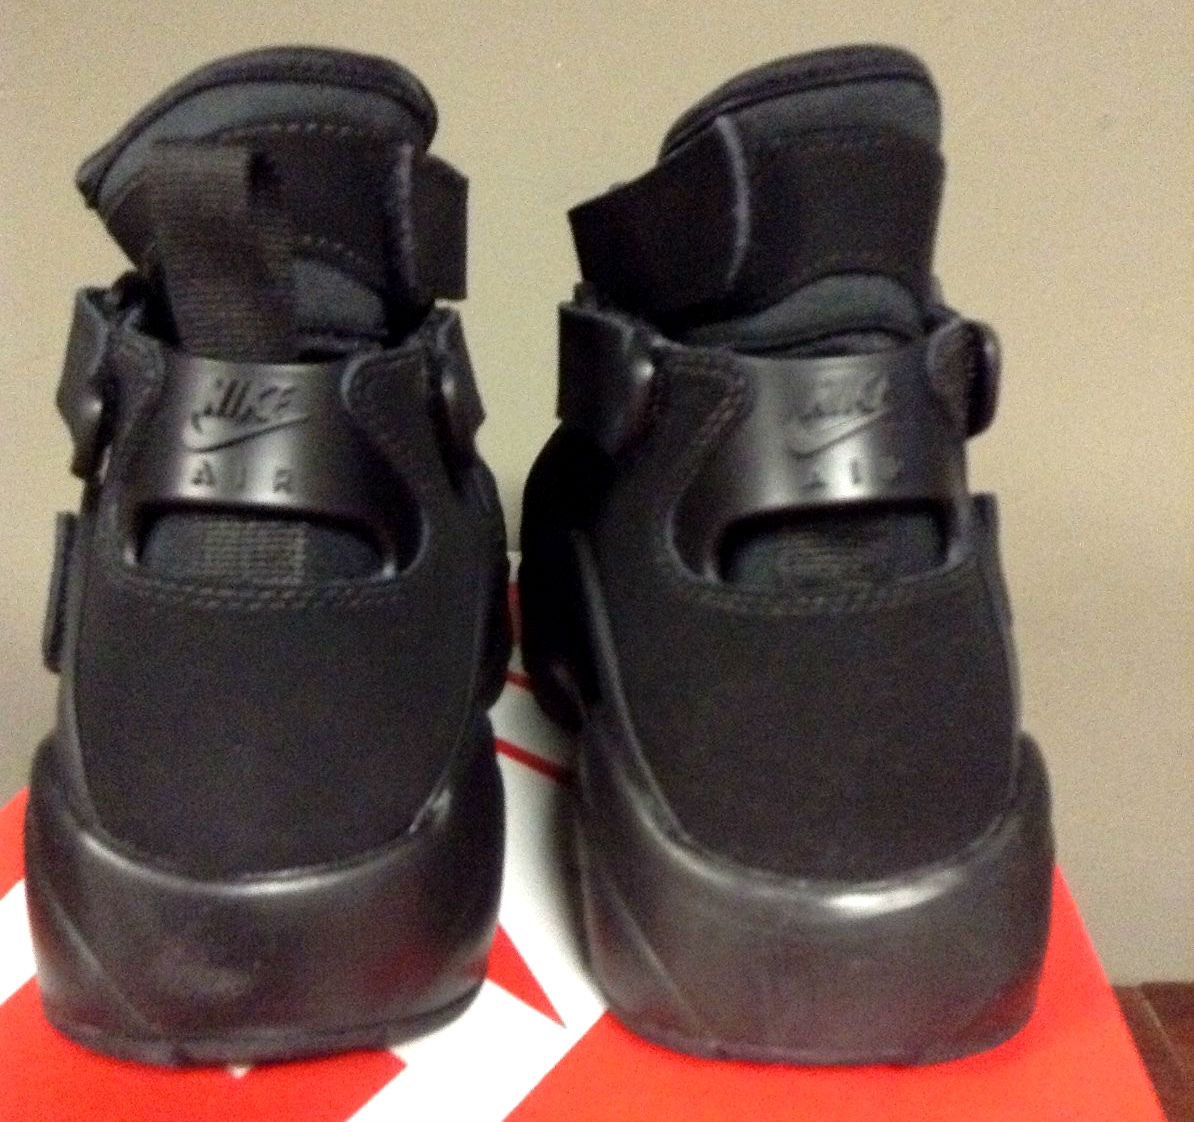 Nike Air Unlimited Black Heel 889013-002